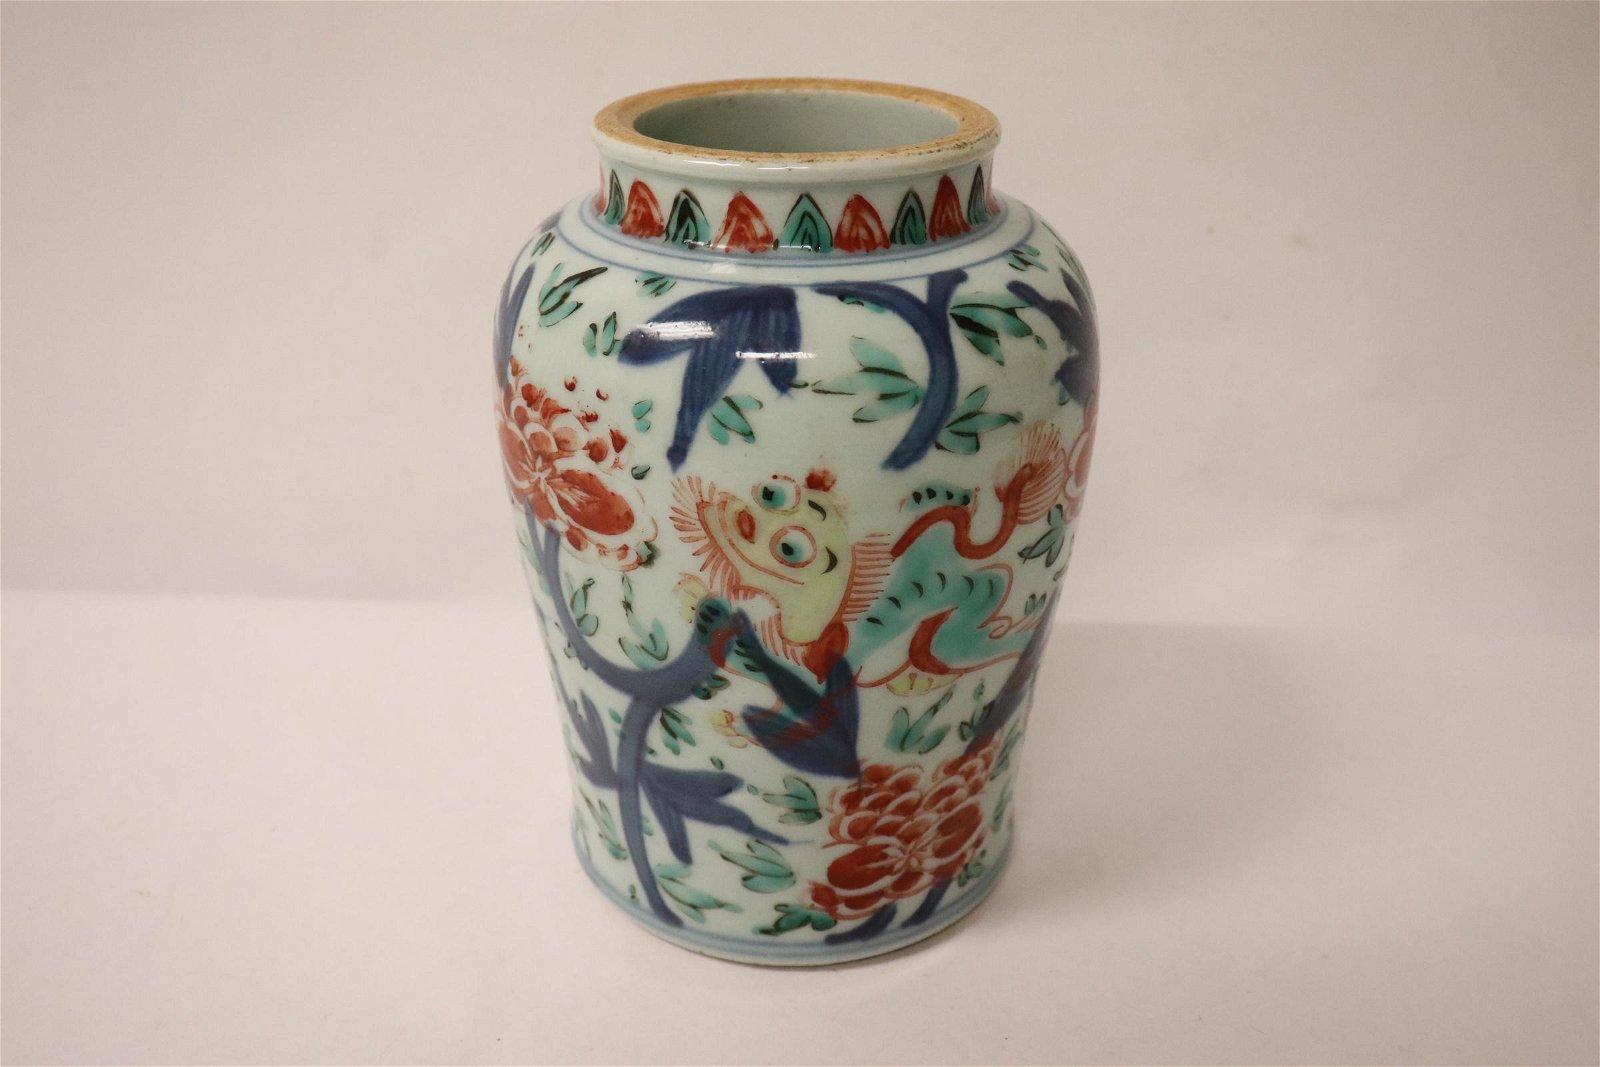 A fine Chinese antique wucai porcelain jar